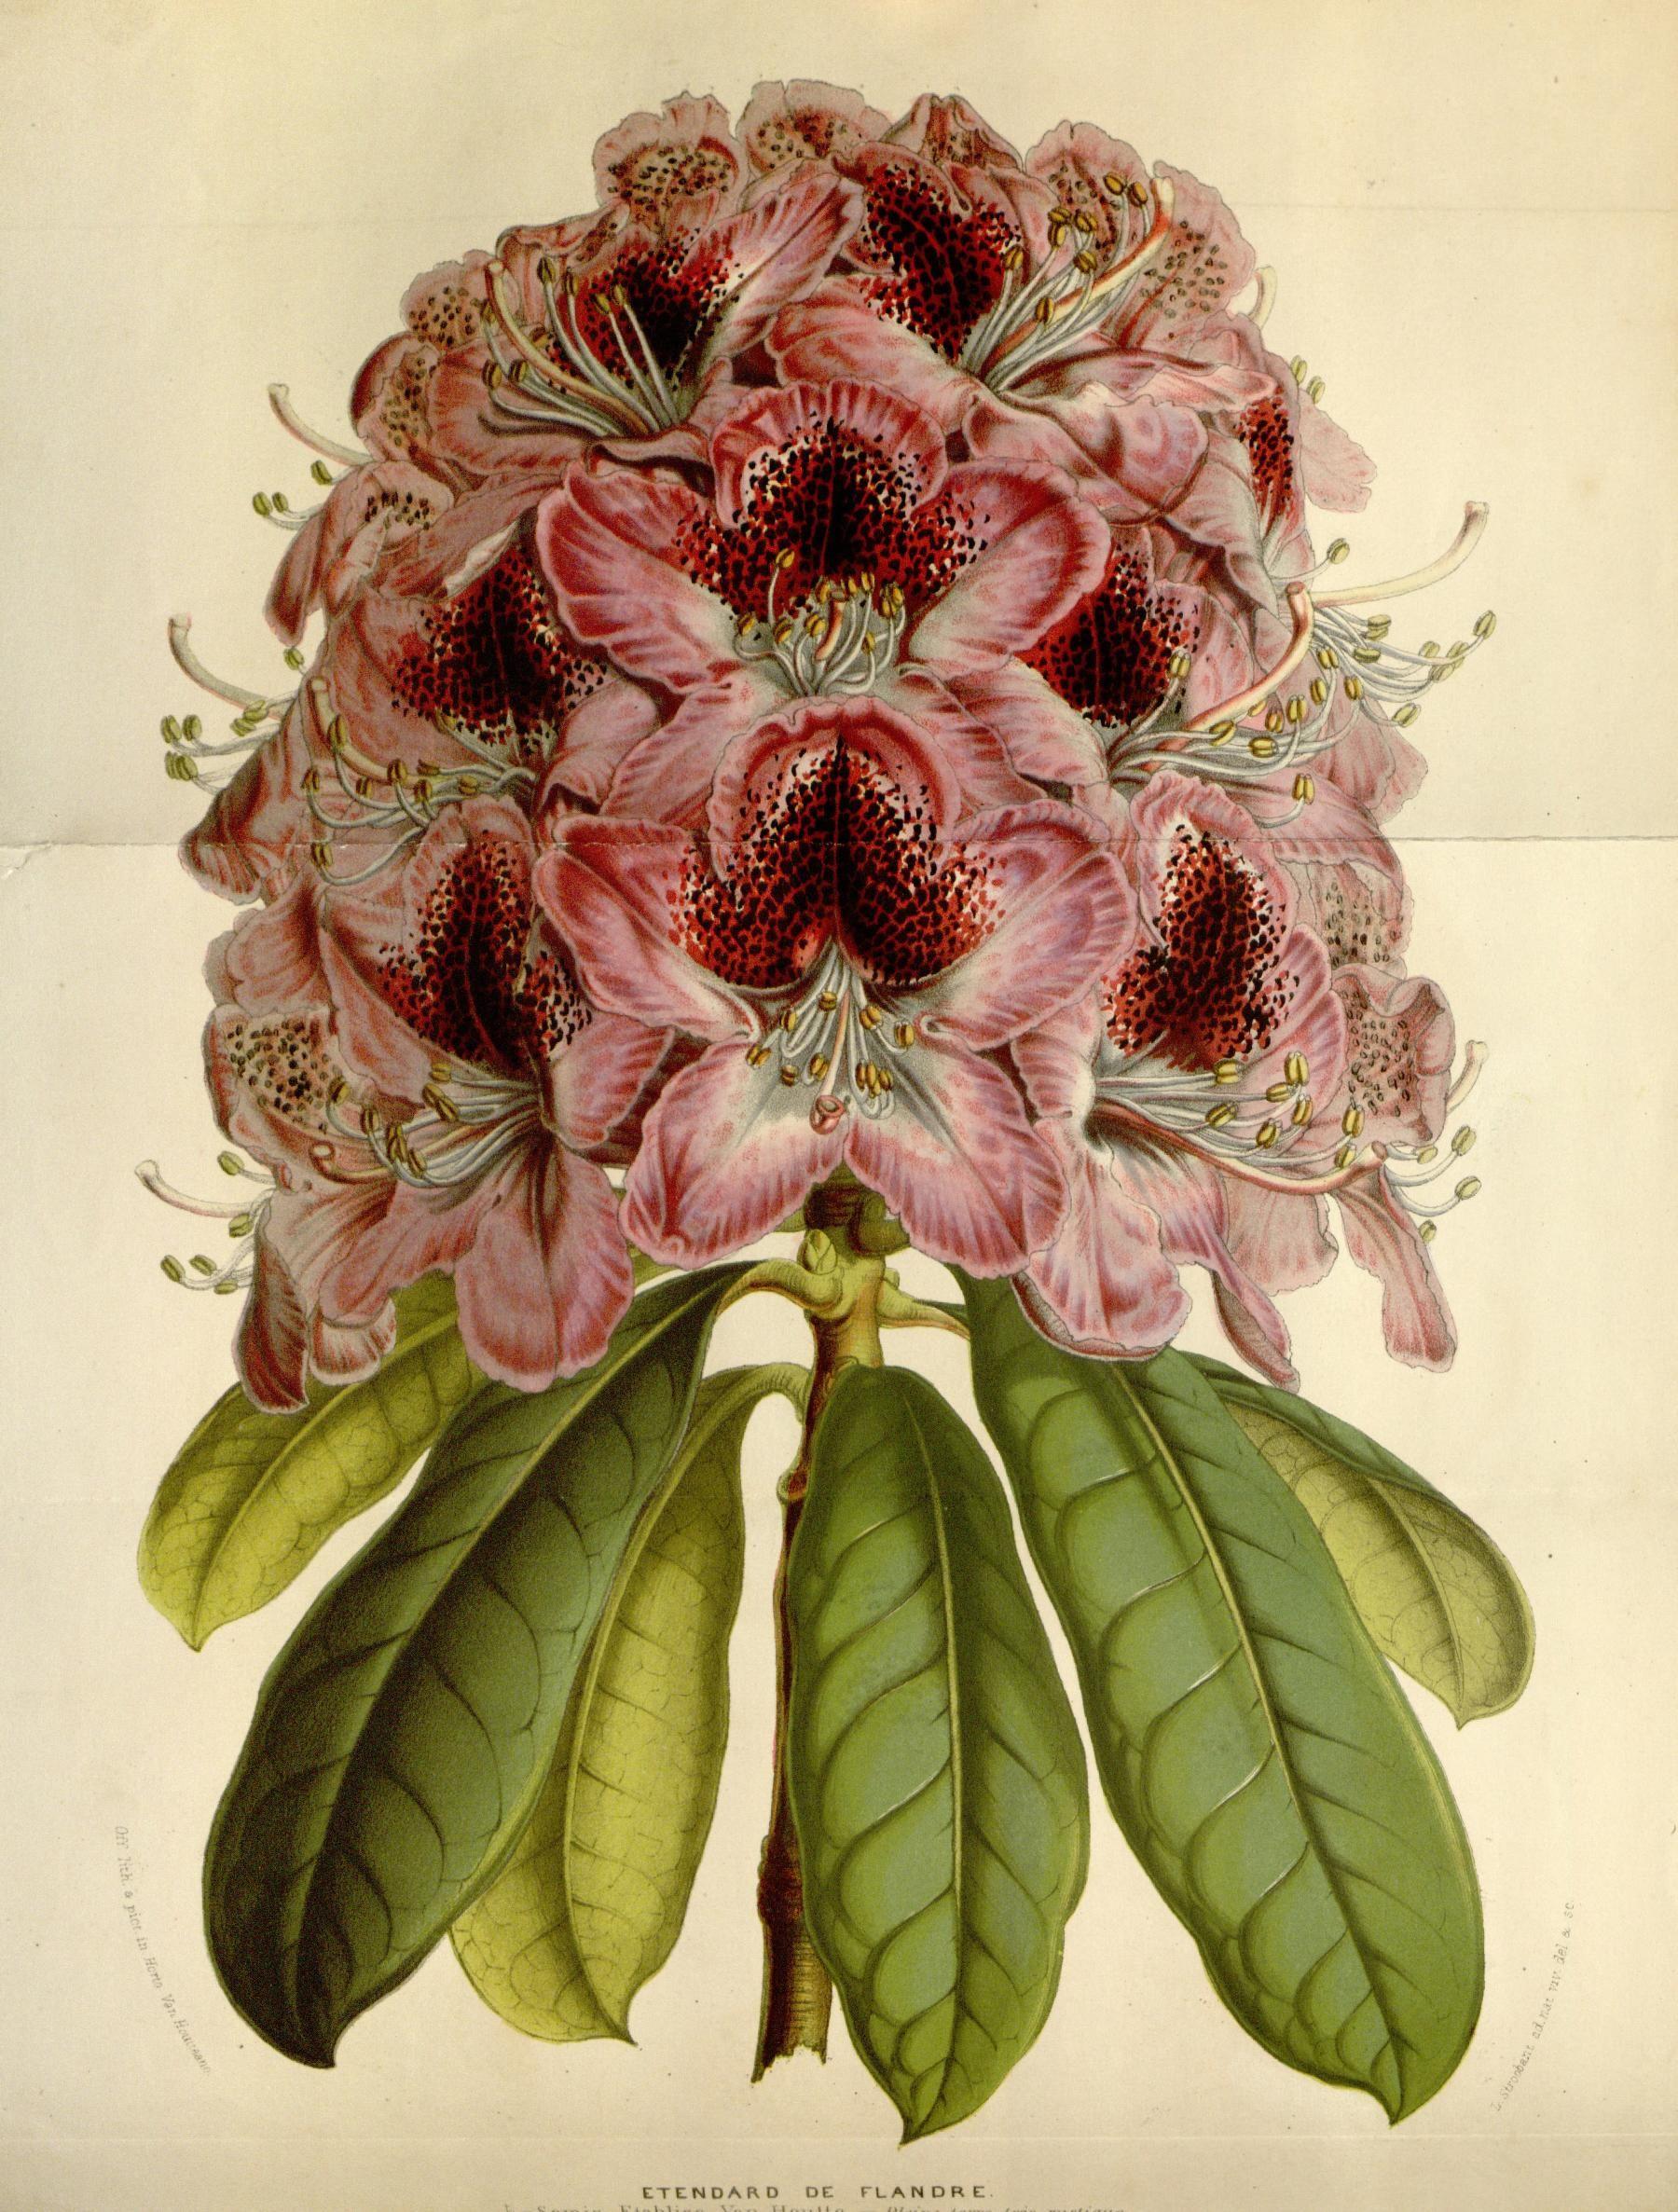 Rhododendron Etendard de Flandre